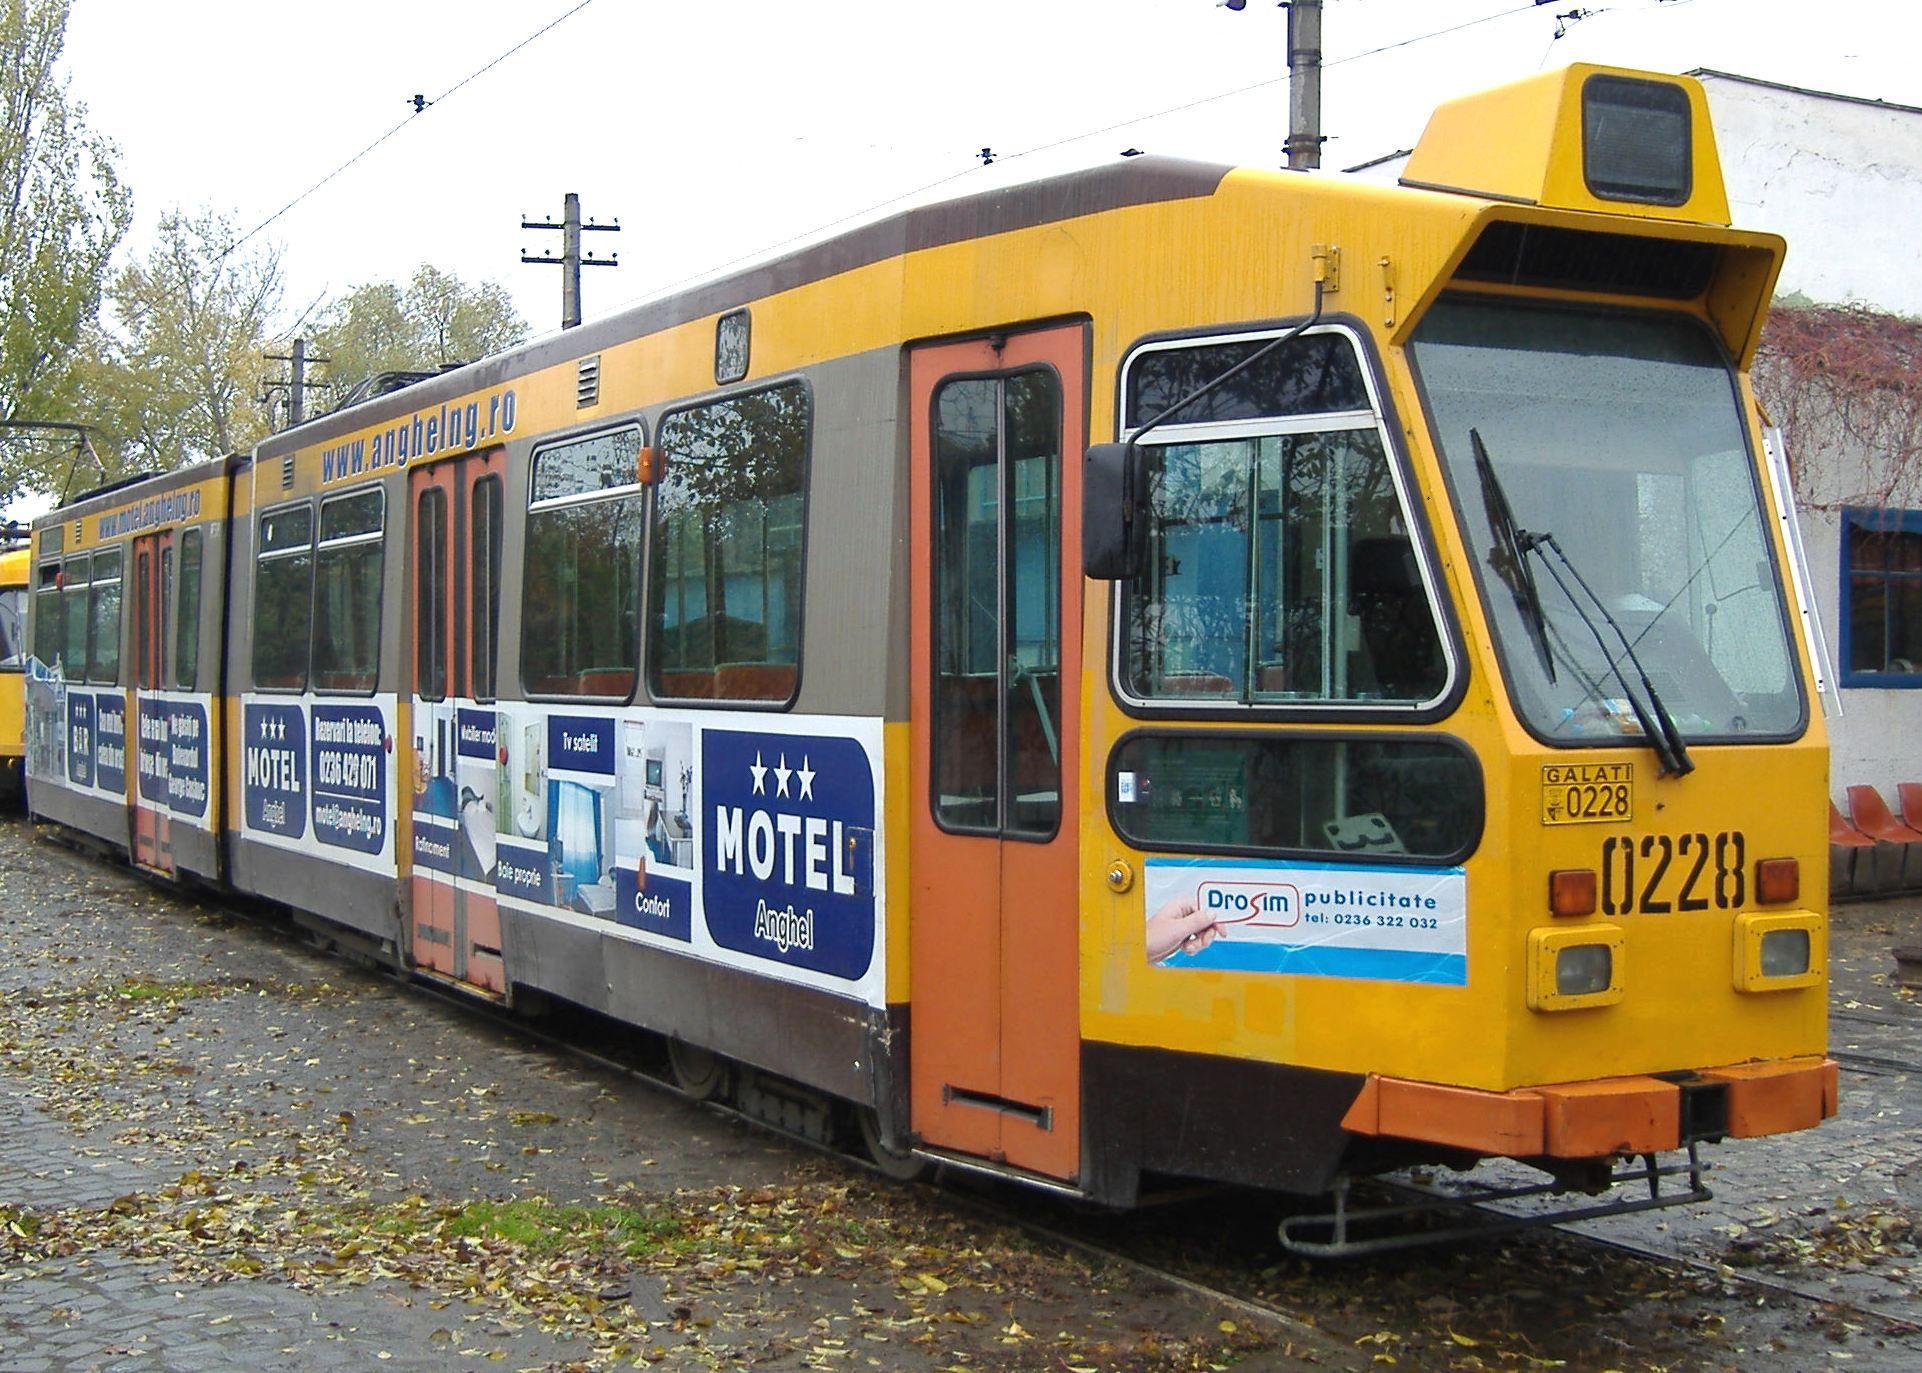 1263. Tram Duewag/Holec on line Dp November 17, 2007